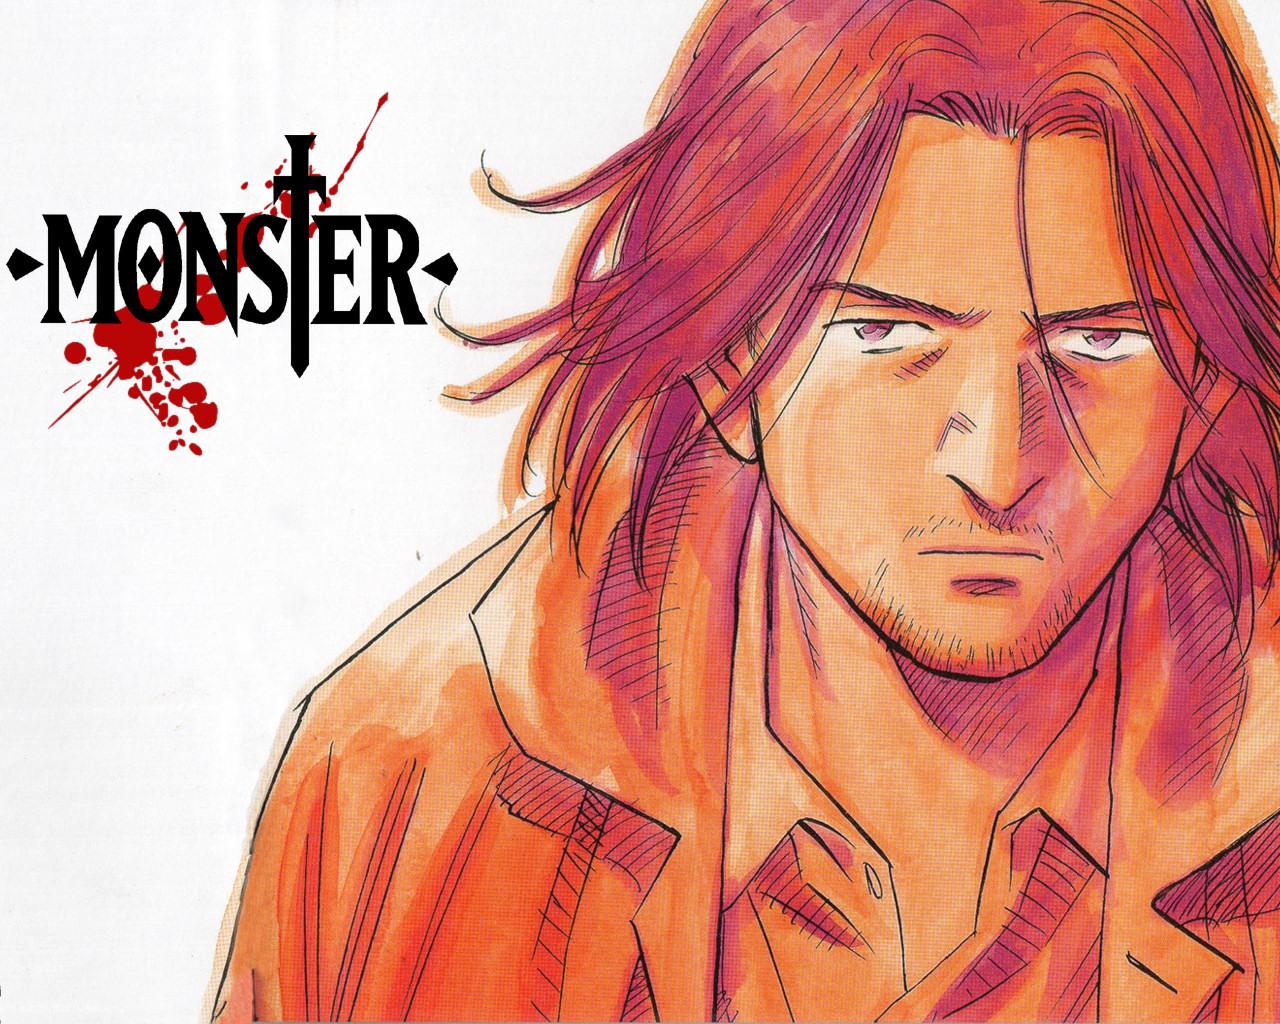 [aporte] monster anime mf